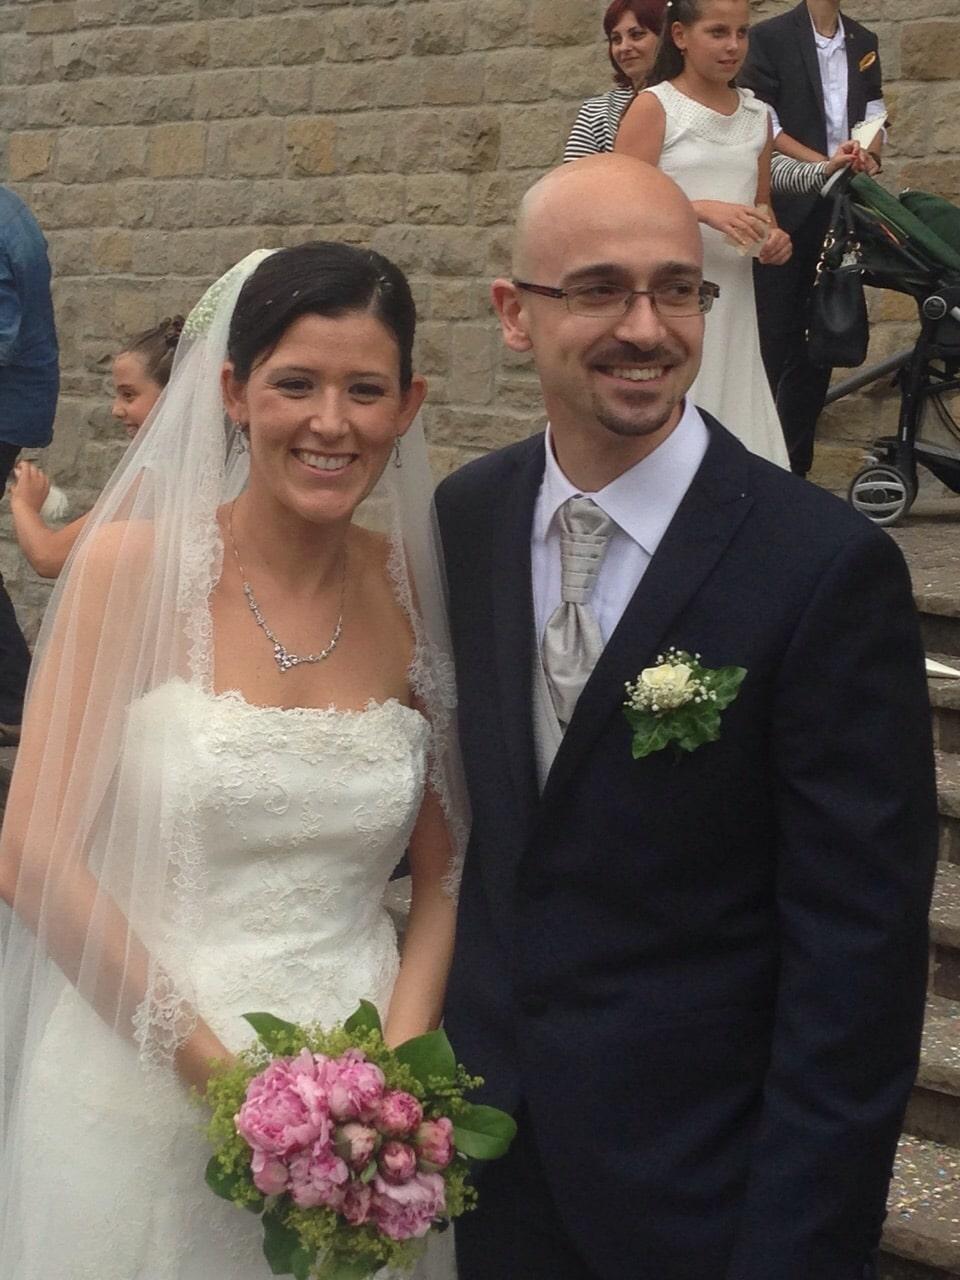 Festa in casa AIFI! Congratulazioni a Monica e Francesco, oggi sposi!